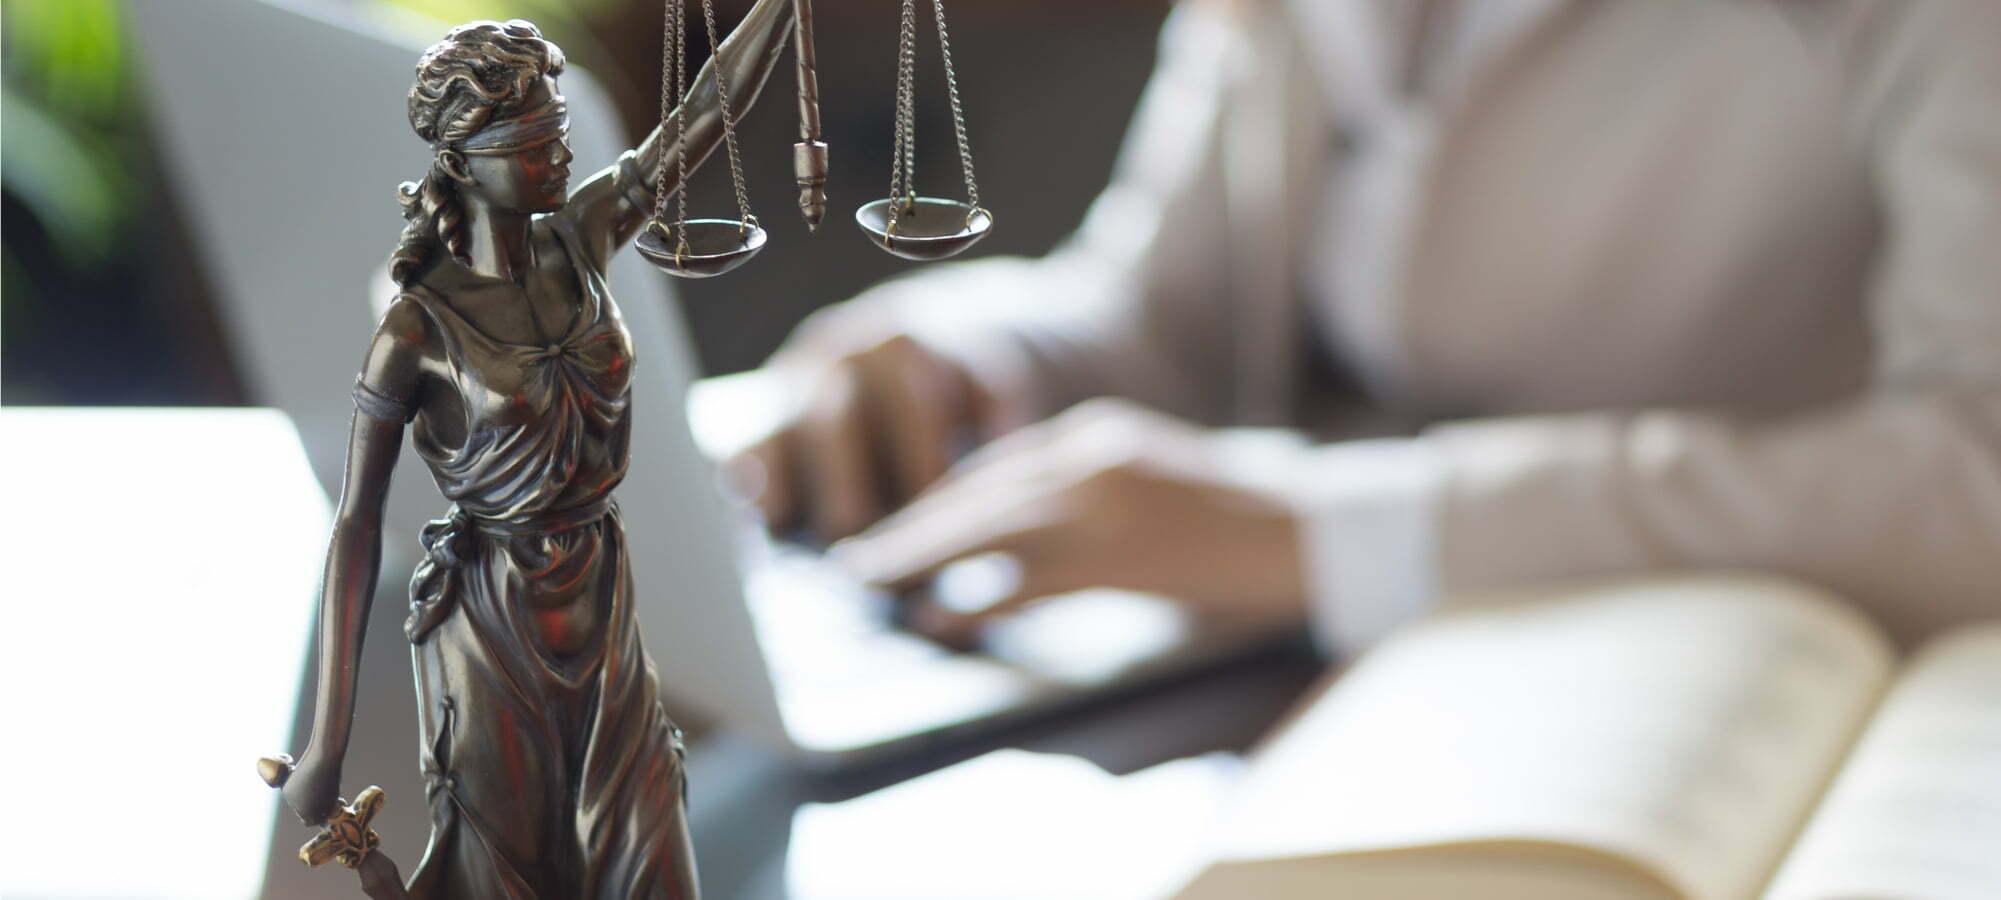 Rechtbankprocedure - Echtscheiding en Mediation - Mediator Utrecht - Leidsche Rijn - Maarssen - Woerden - Viae Novae Mediation